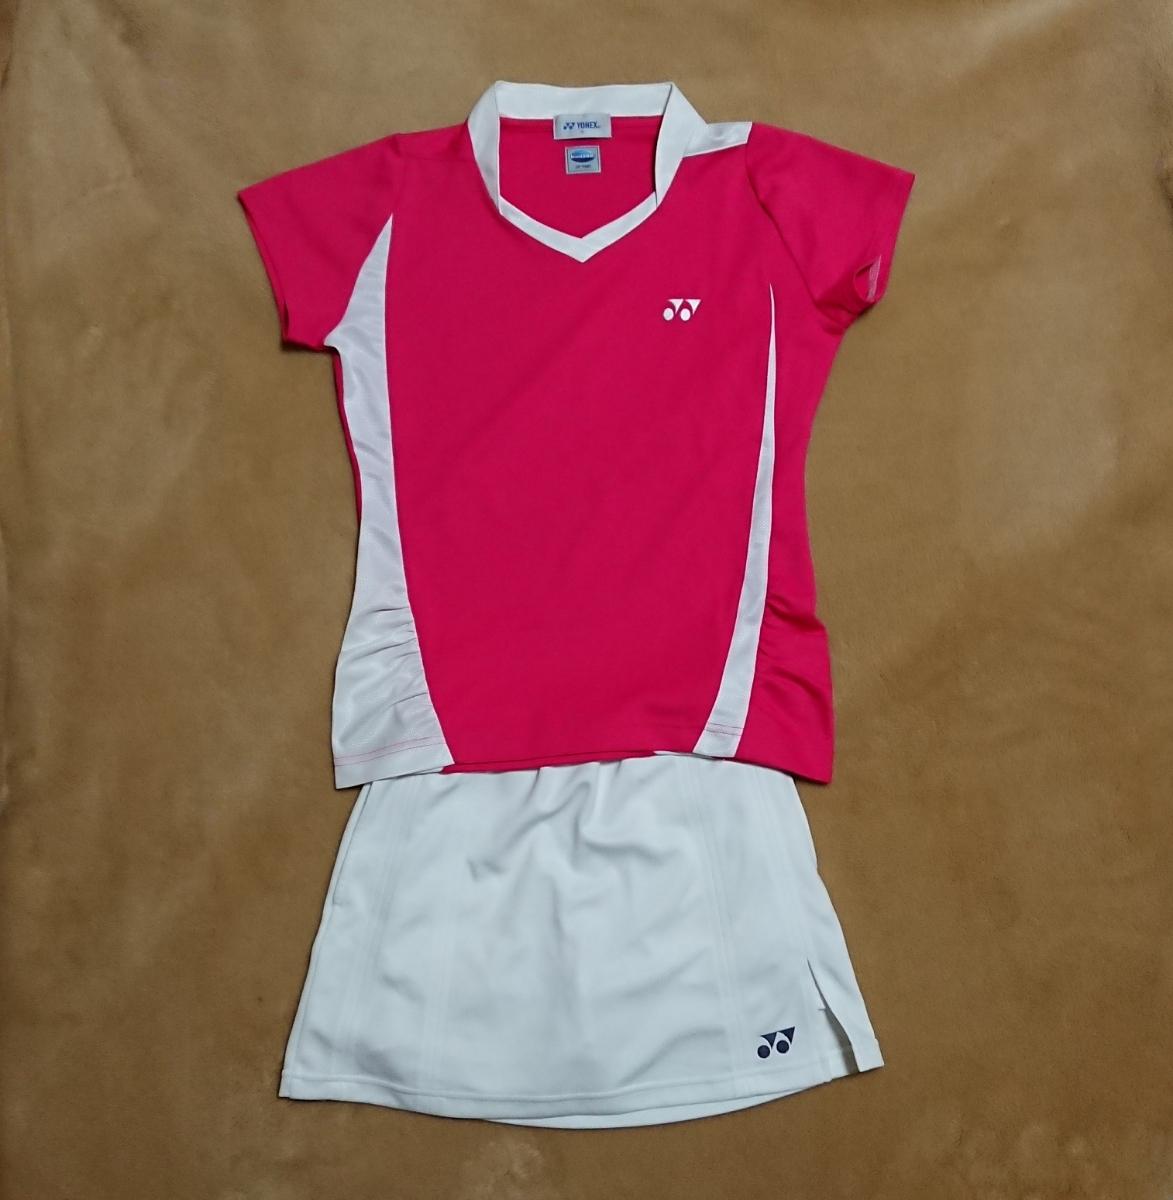 99806a40b4133a テニスウェア 上下セット ピンク白 ヨネックス YONEX ピンク 中古 美品?